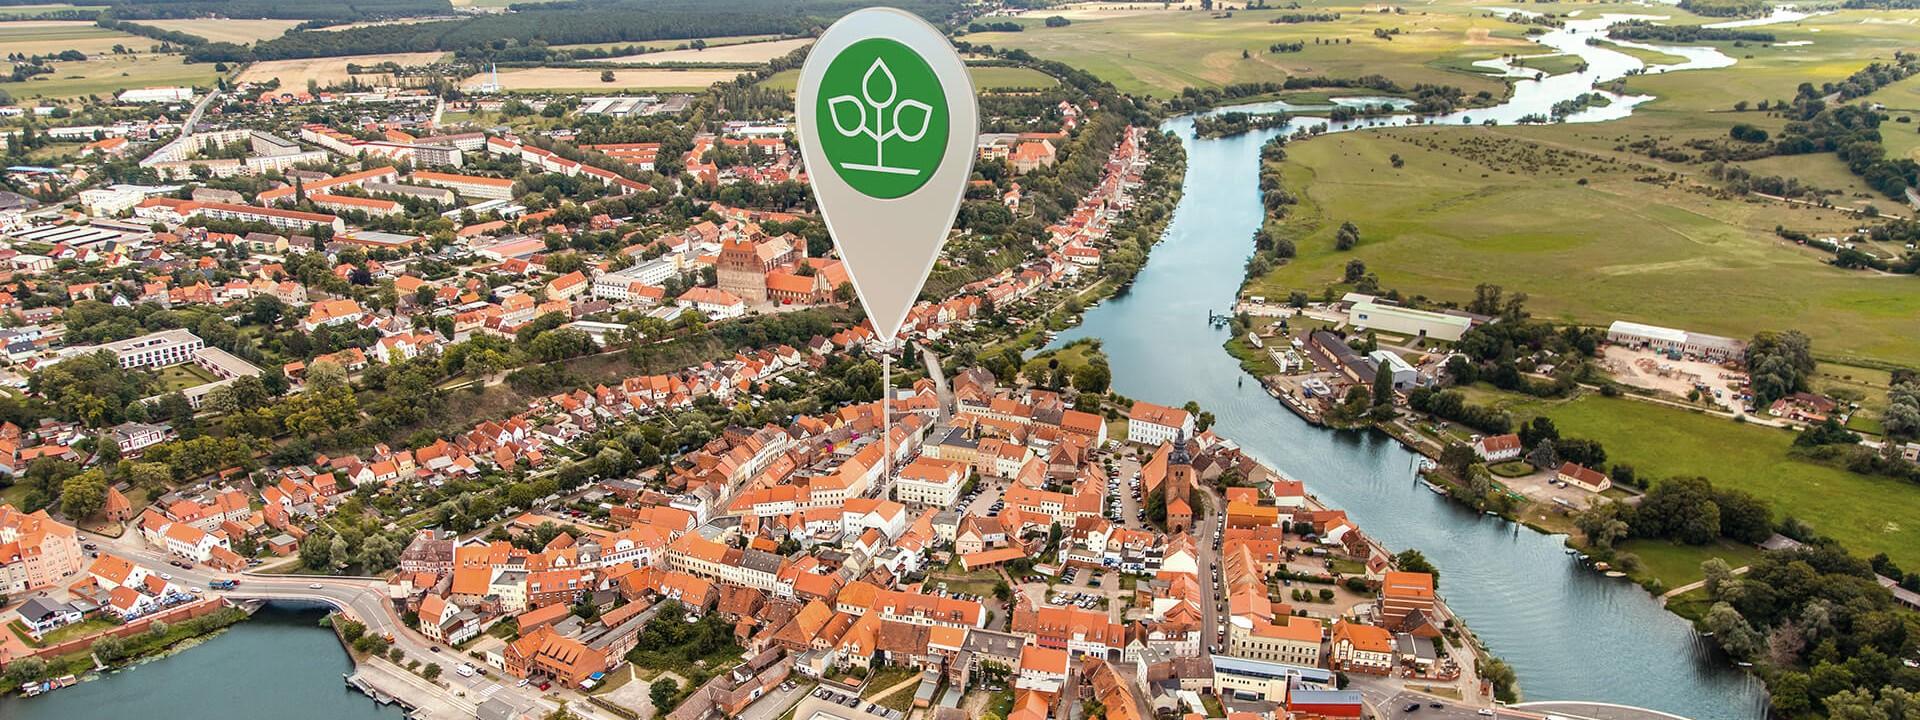 Luftbild von Havelberg